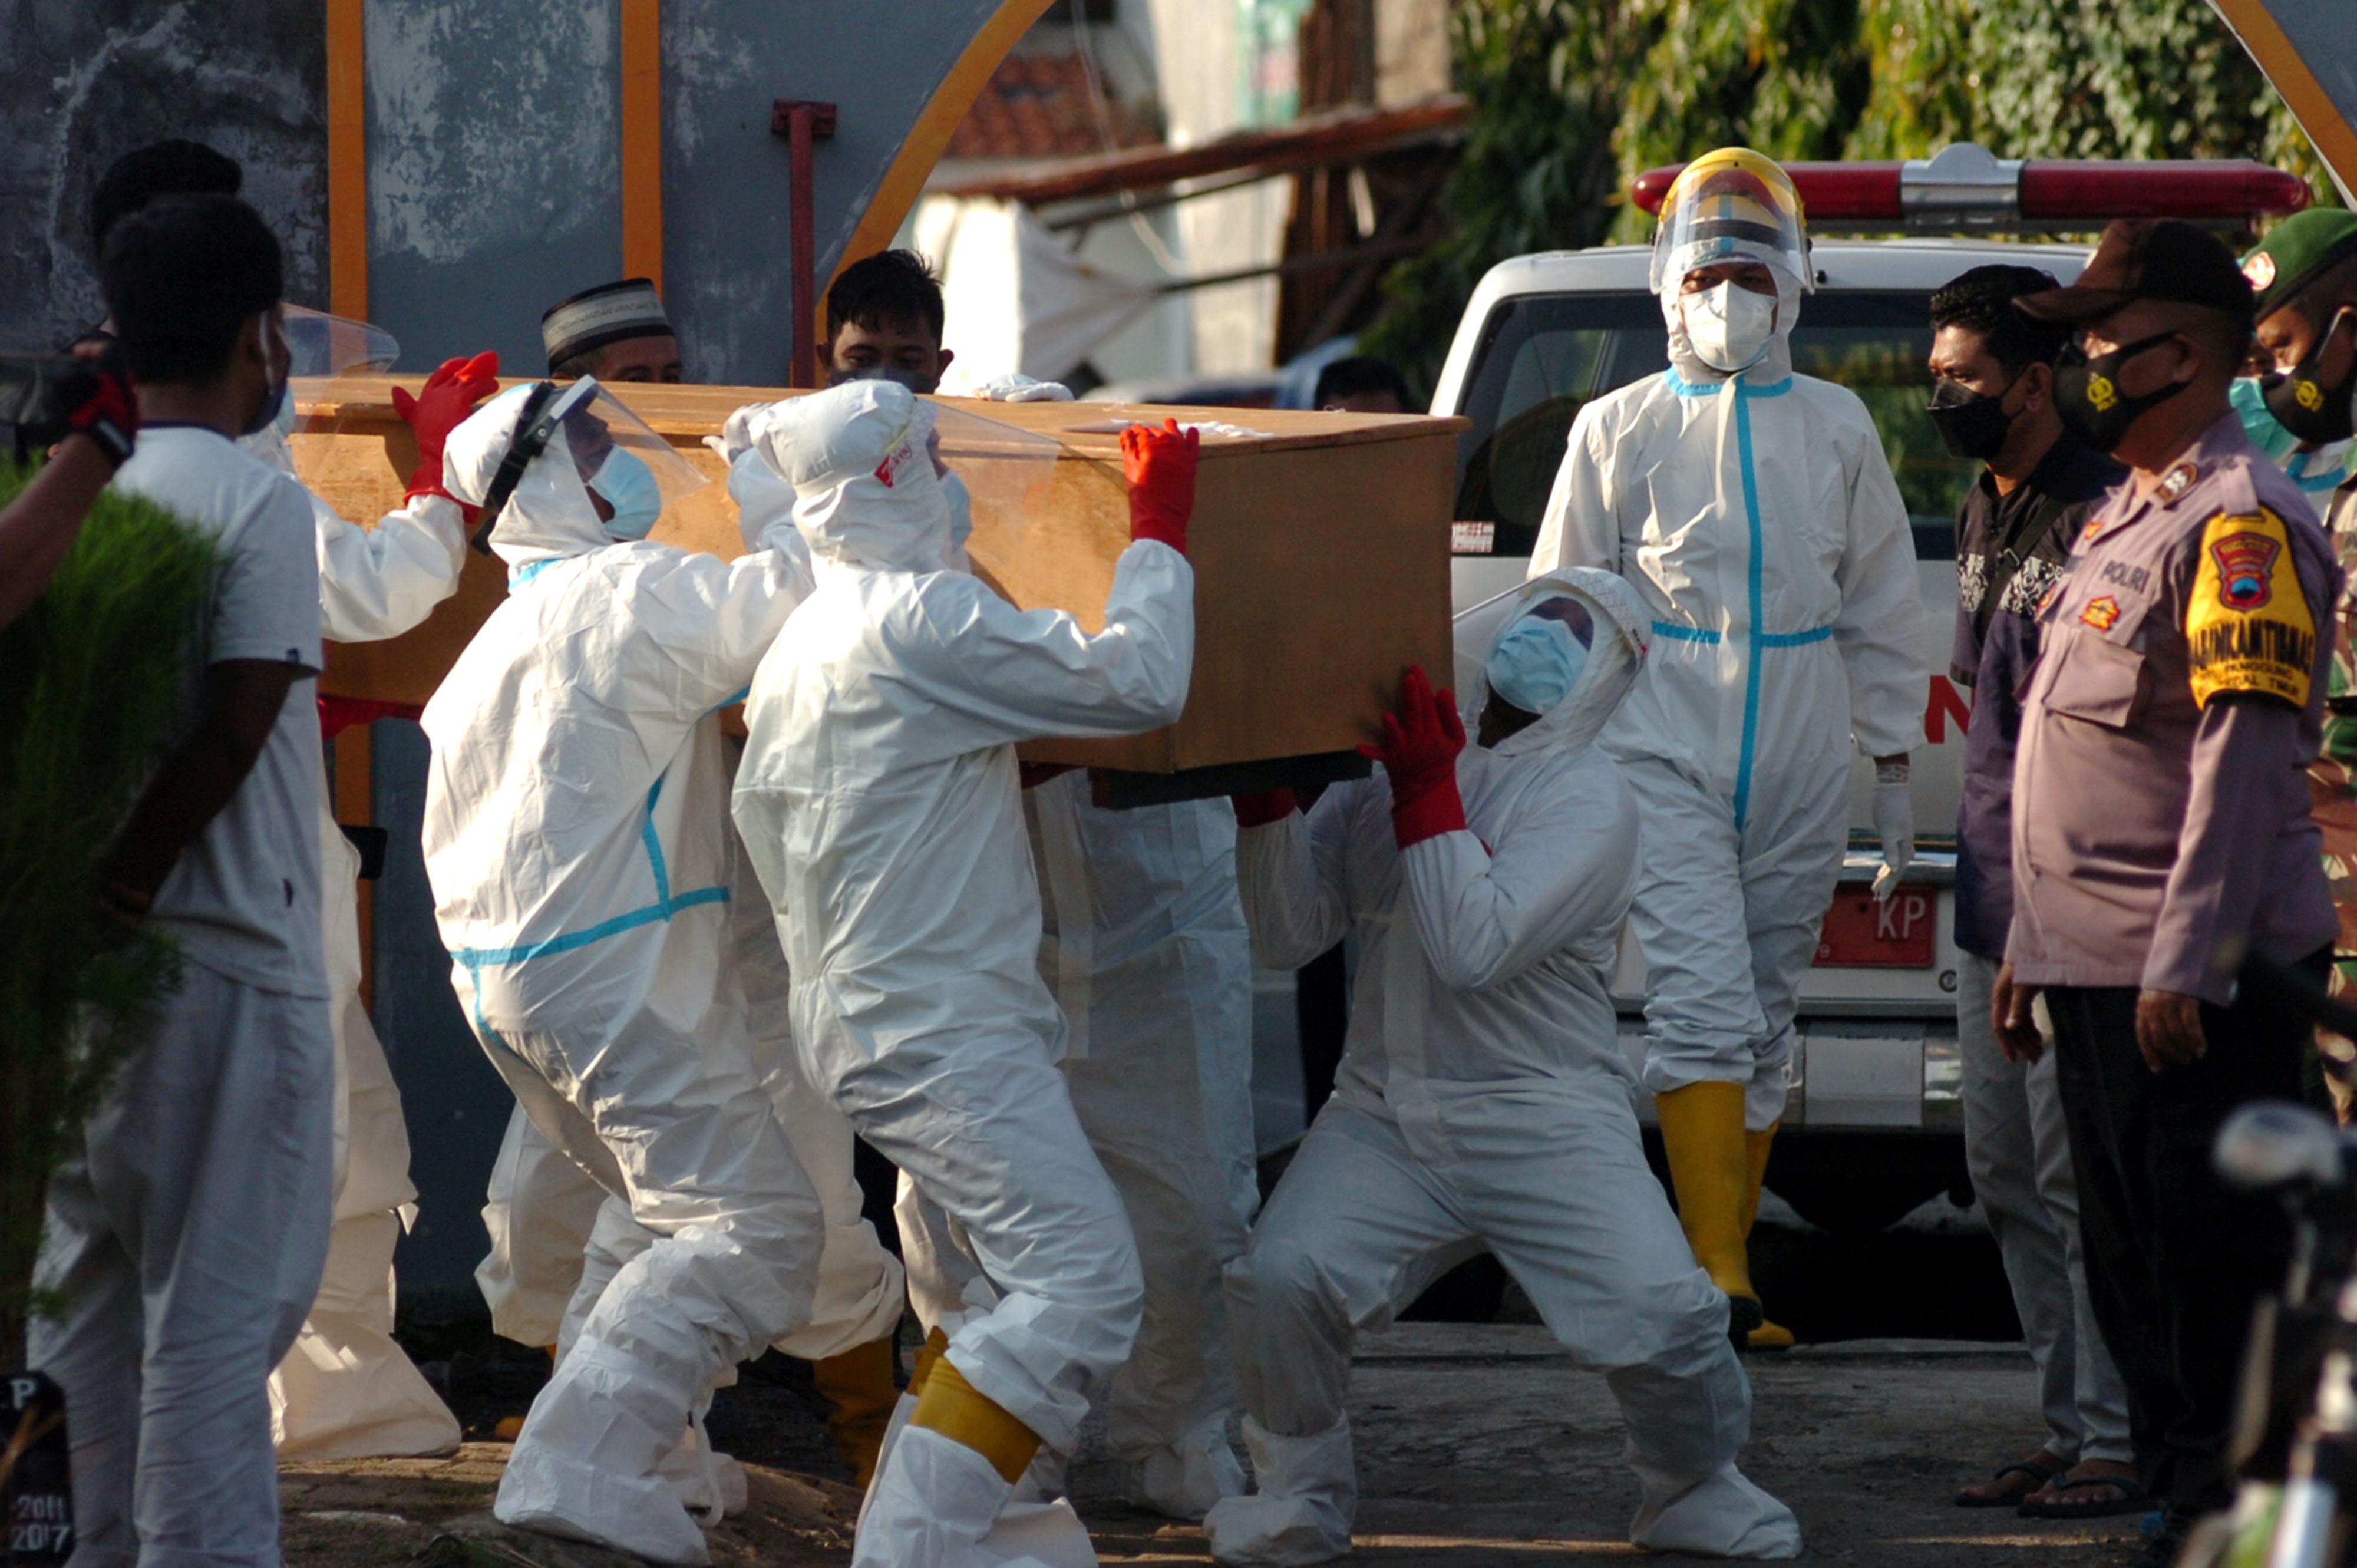 Ilustrasi tim pemulasaraan jenazah Covid-19 (foto: Antara Foto/Oky Lukmansyah via Reuters)